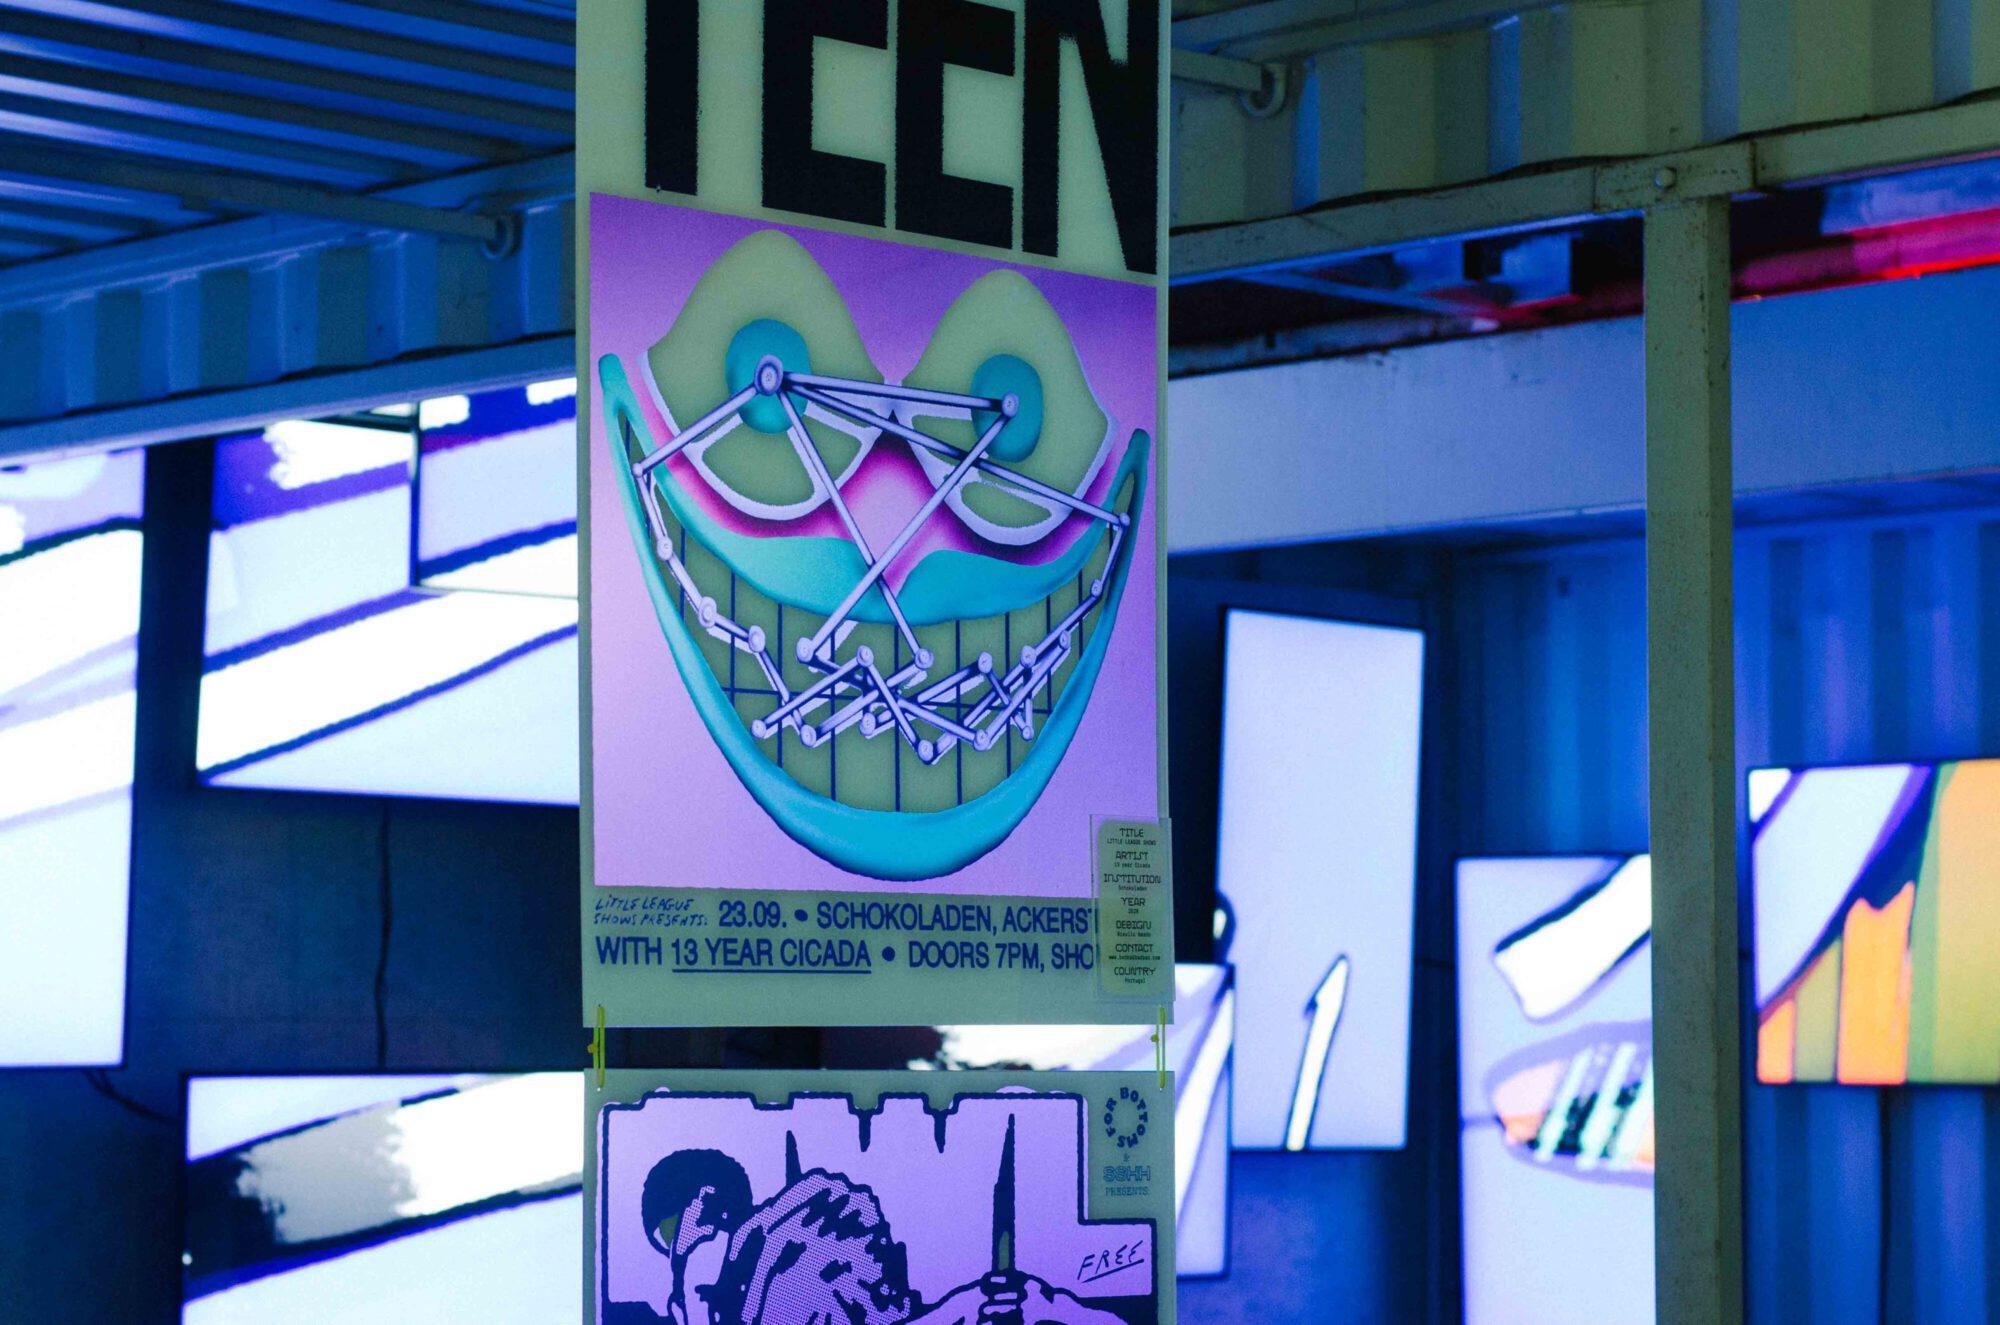 ein Plakat haengt vor einer Lichtinstallation der Ausstellung in between auf dem reeperbahn festival in hamburg 2021 gestaltet von baraeis + Nicolaus